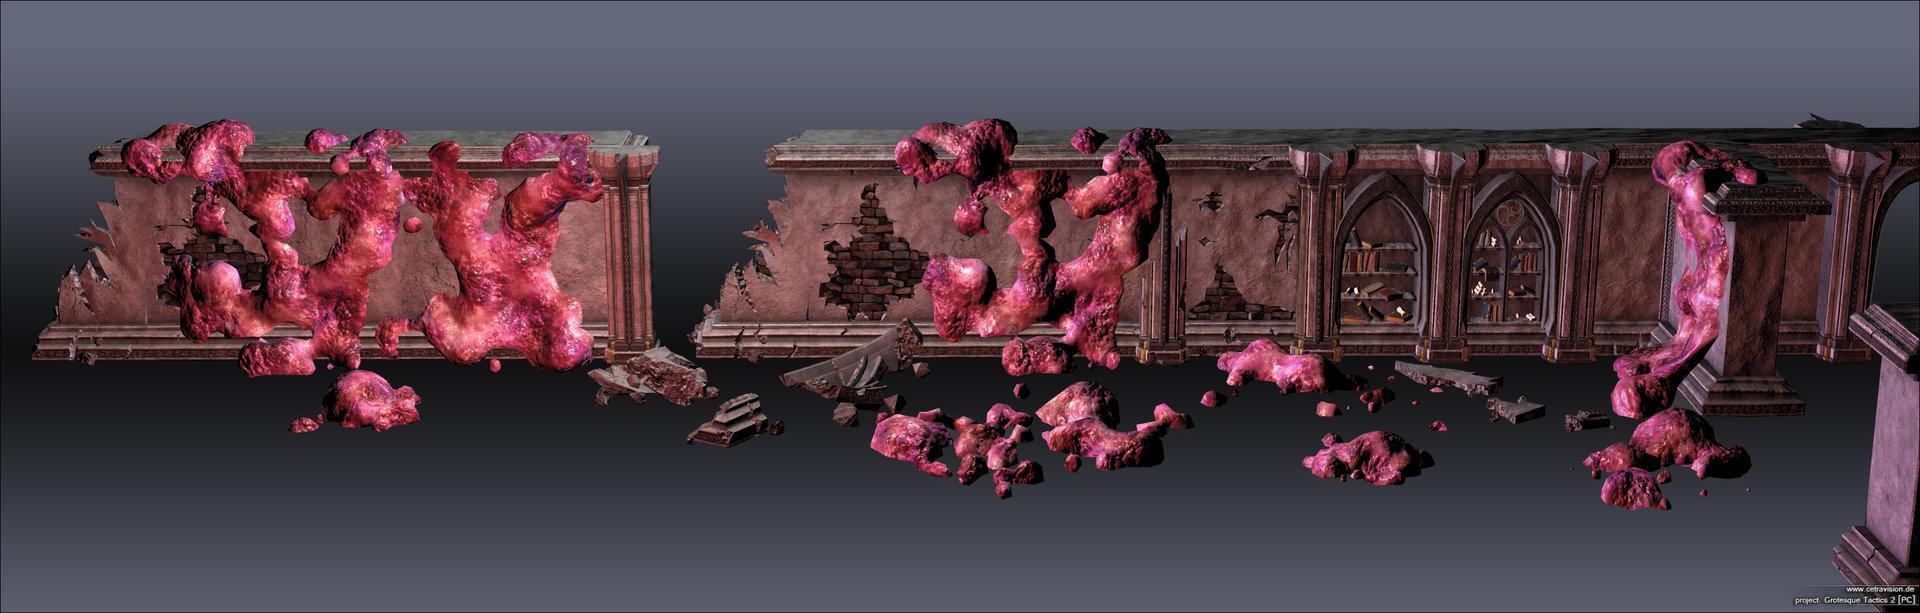 Carina schrom grotesque2 wall